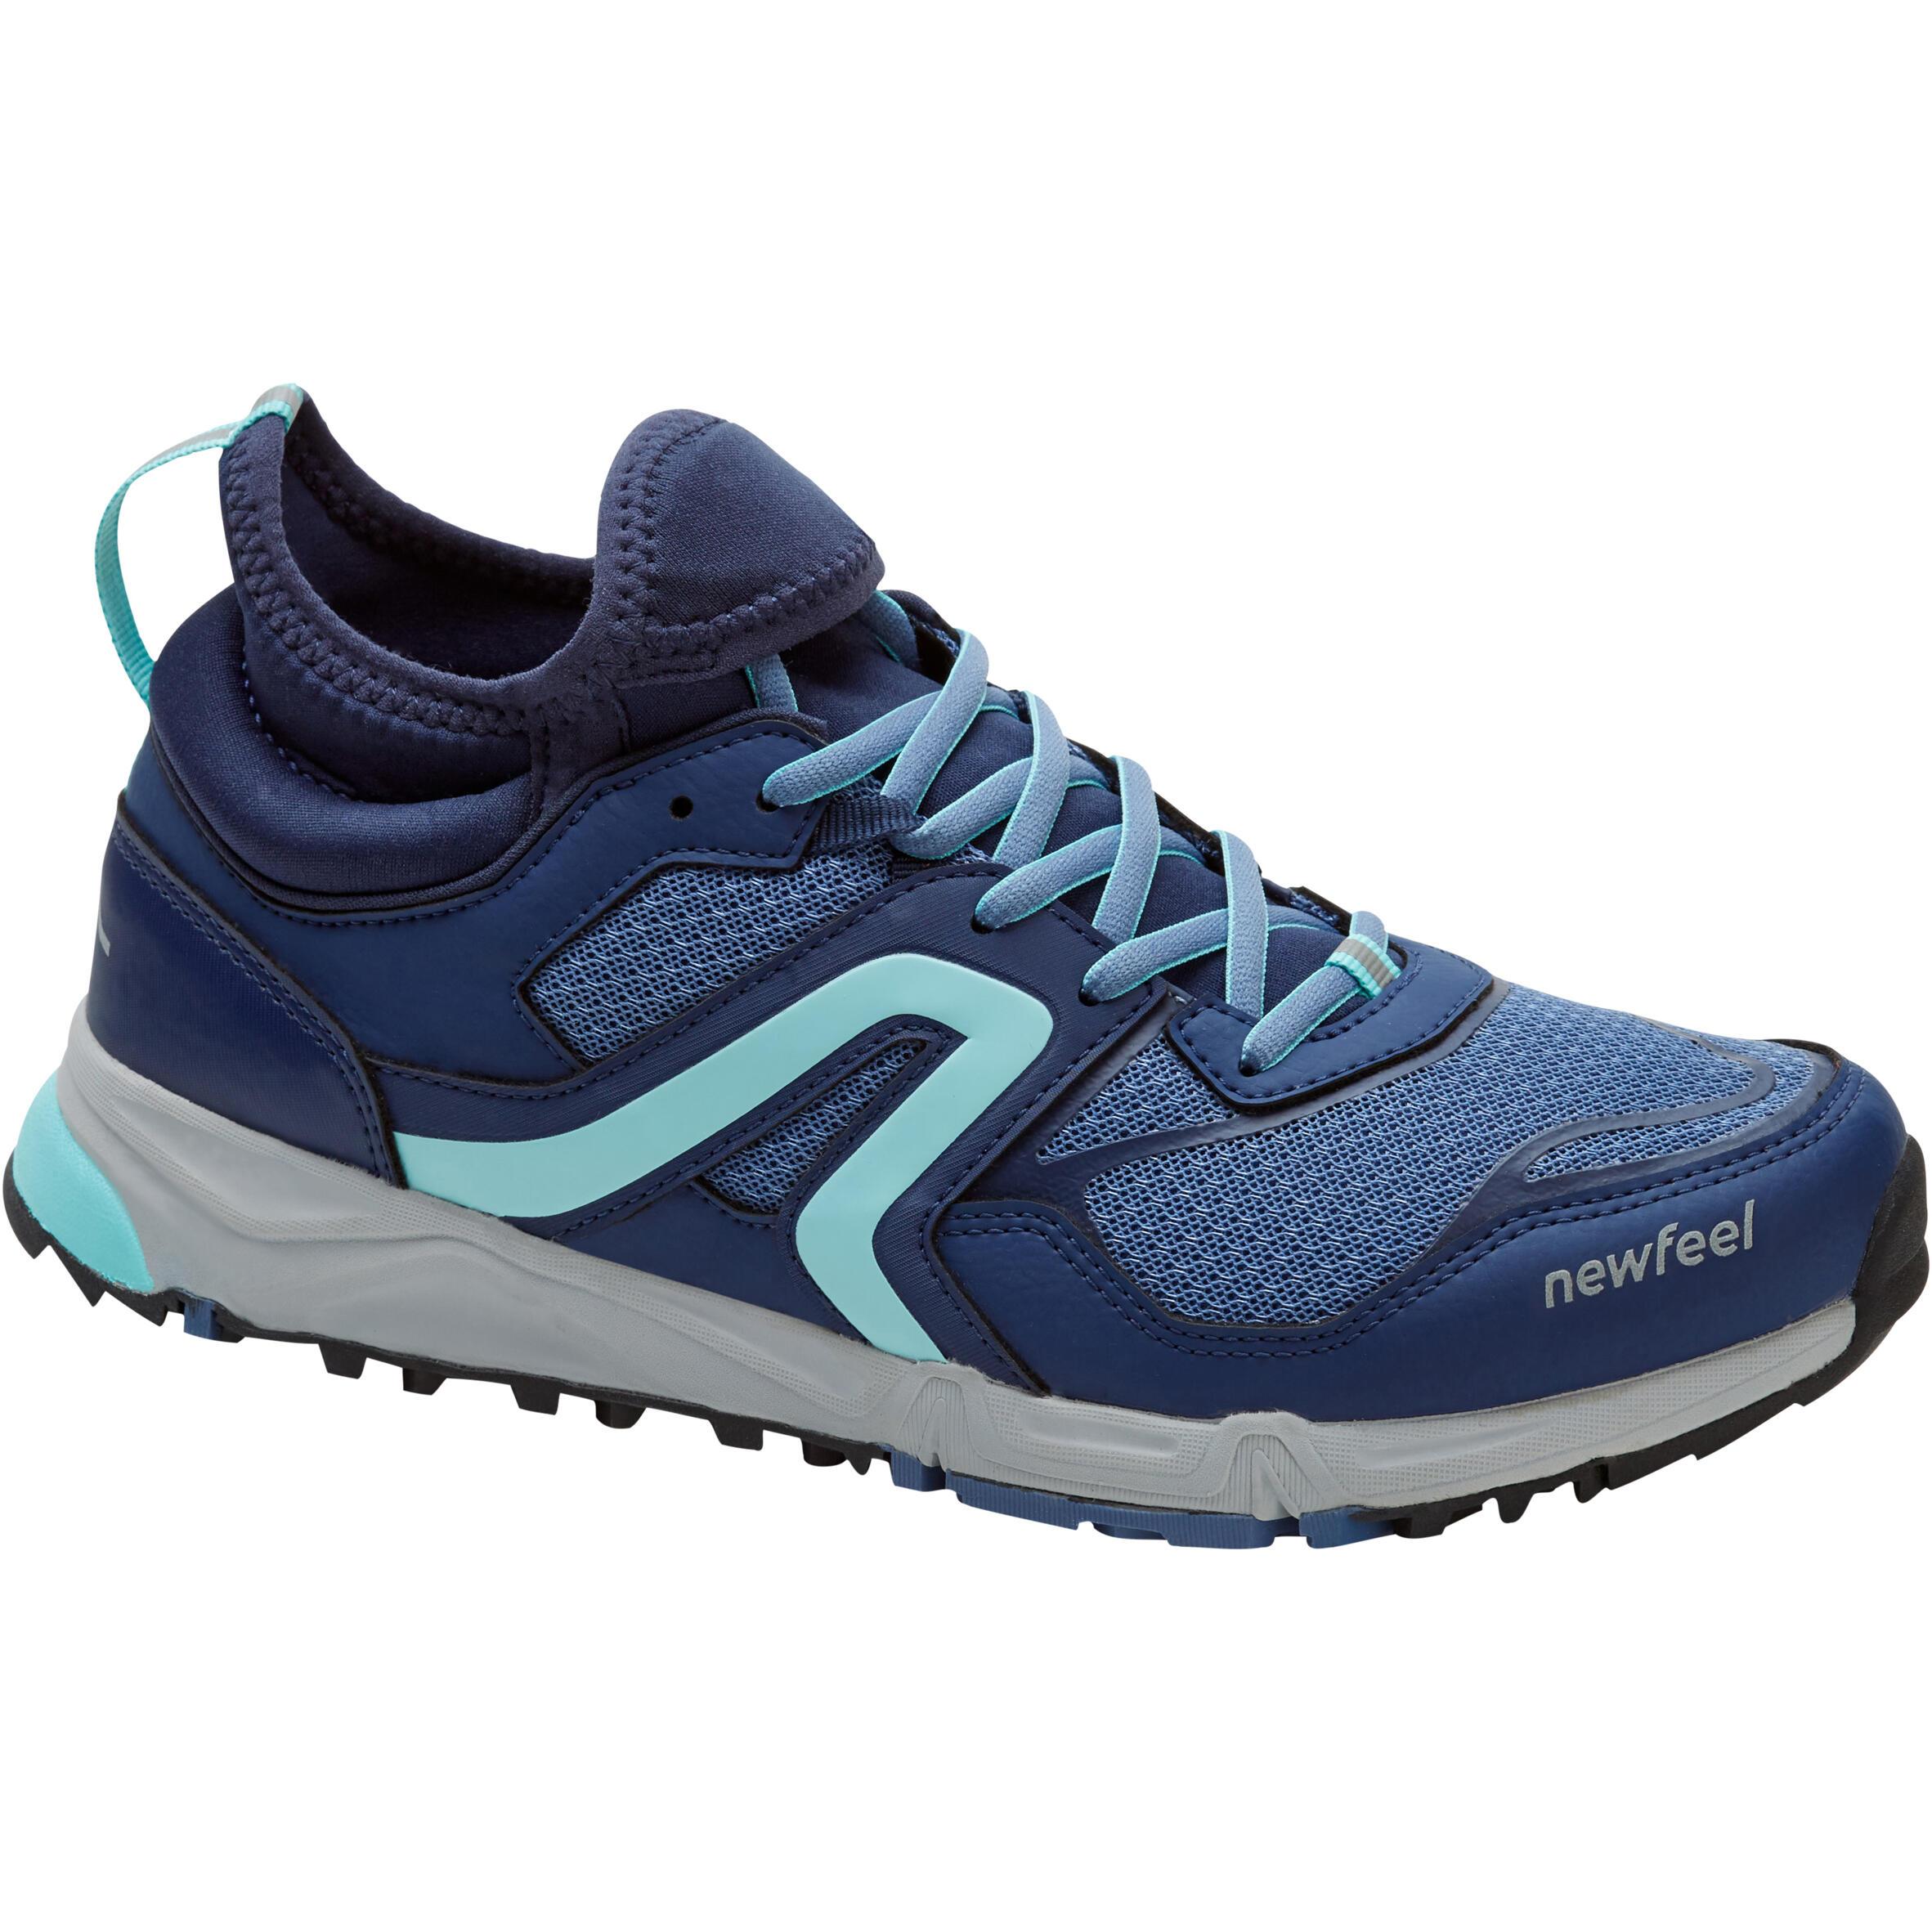 Newfeel Nordic walking schoenen voor dames NW 500 Flex-H